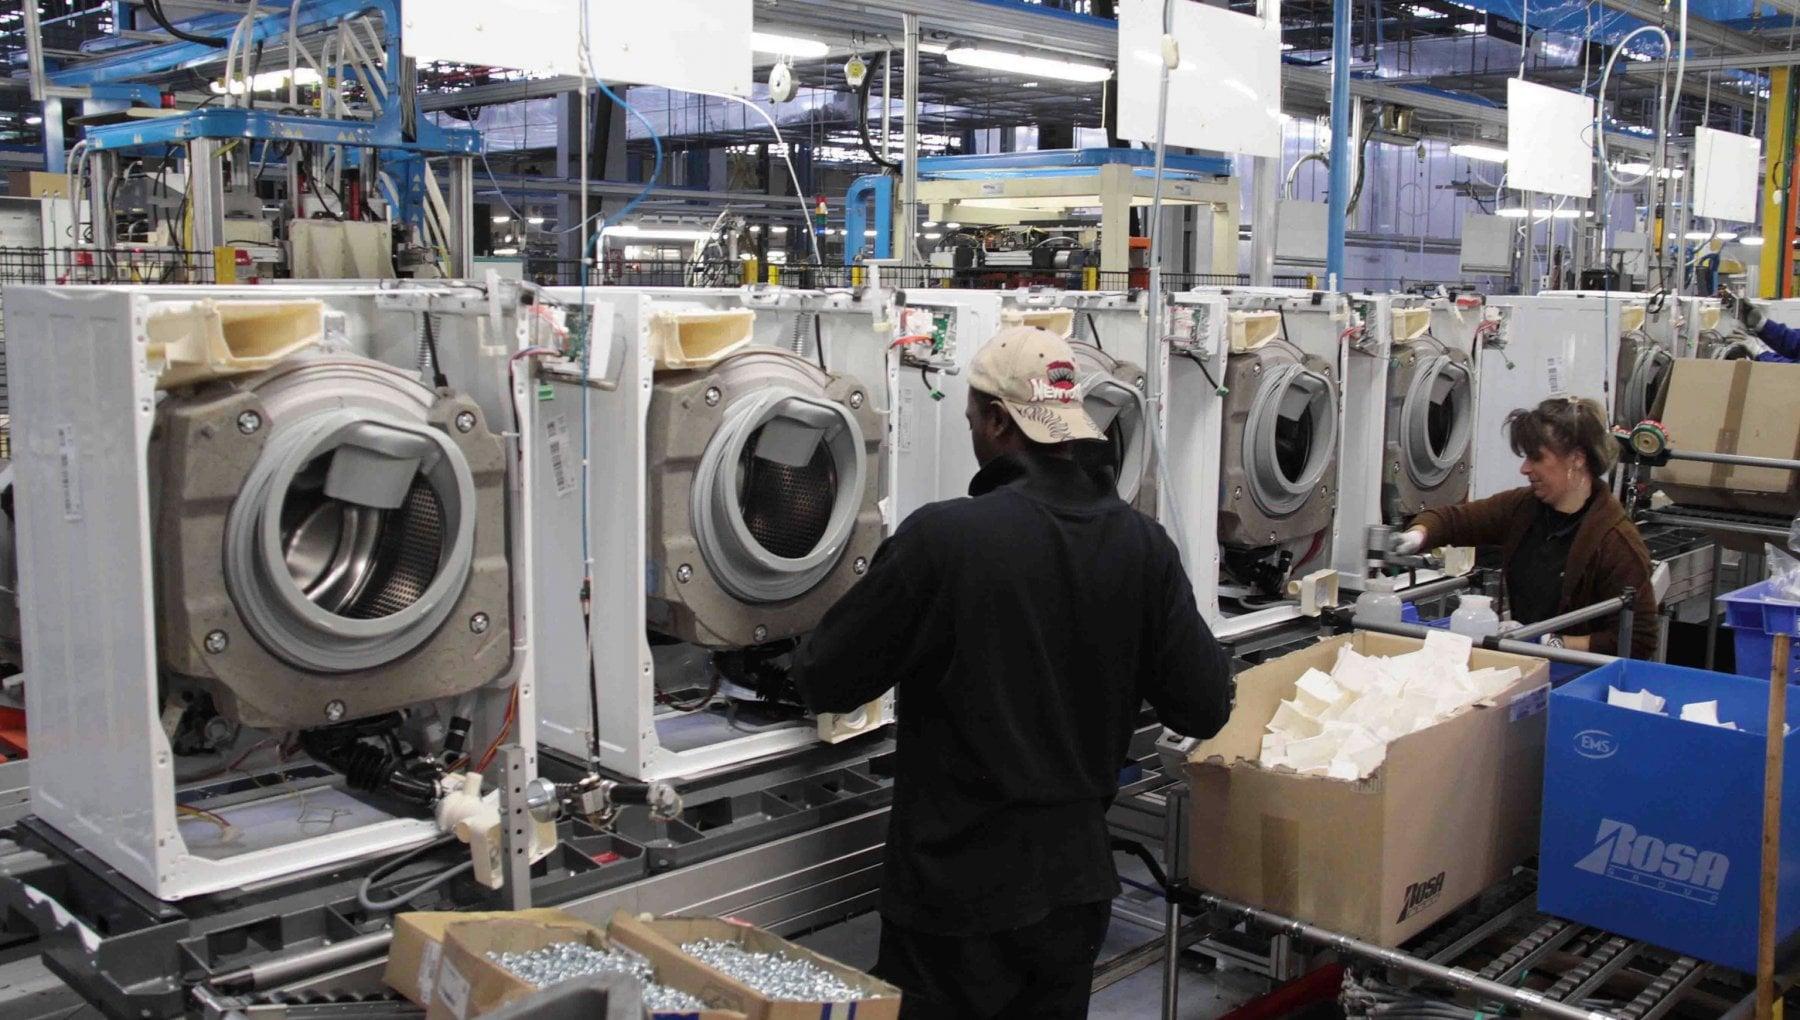 Istat lindustria ritrova slancio a ottobre salgono fatturato e ordinativi